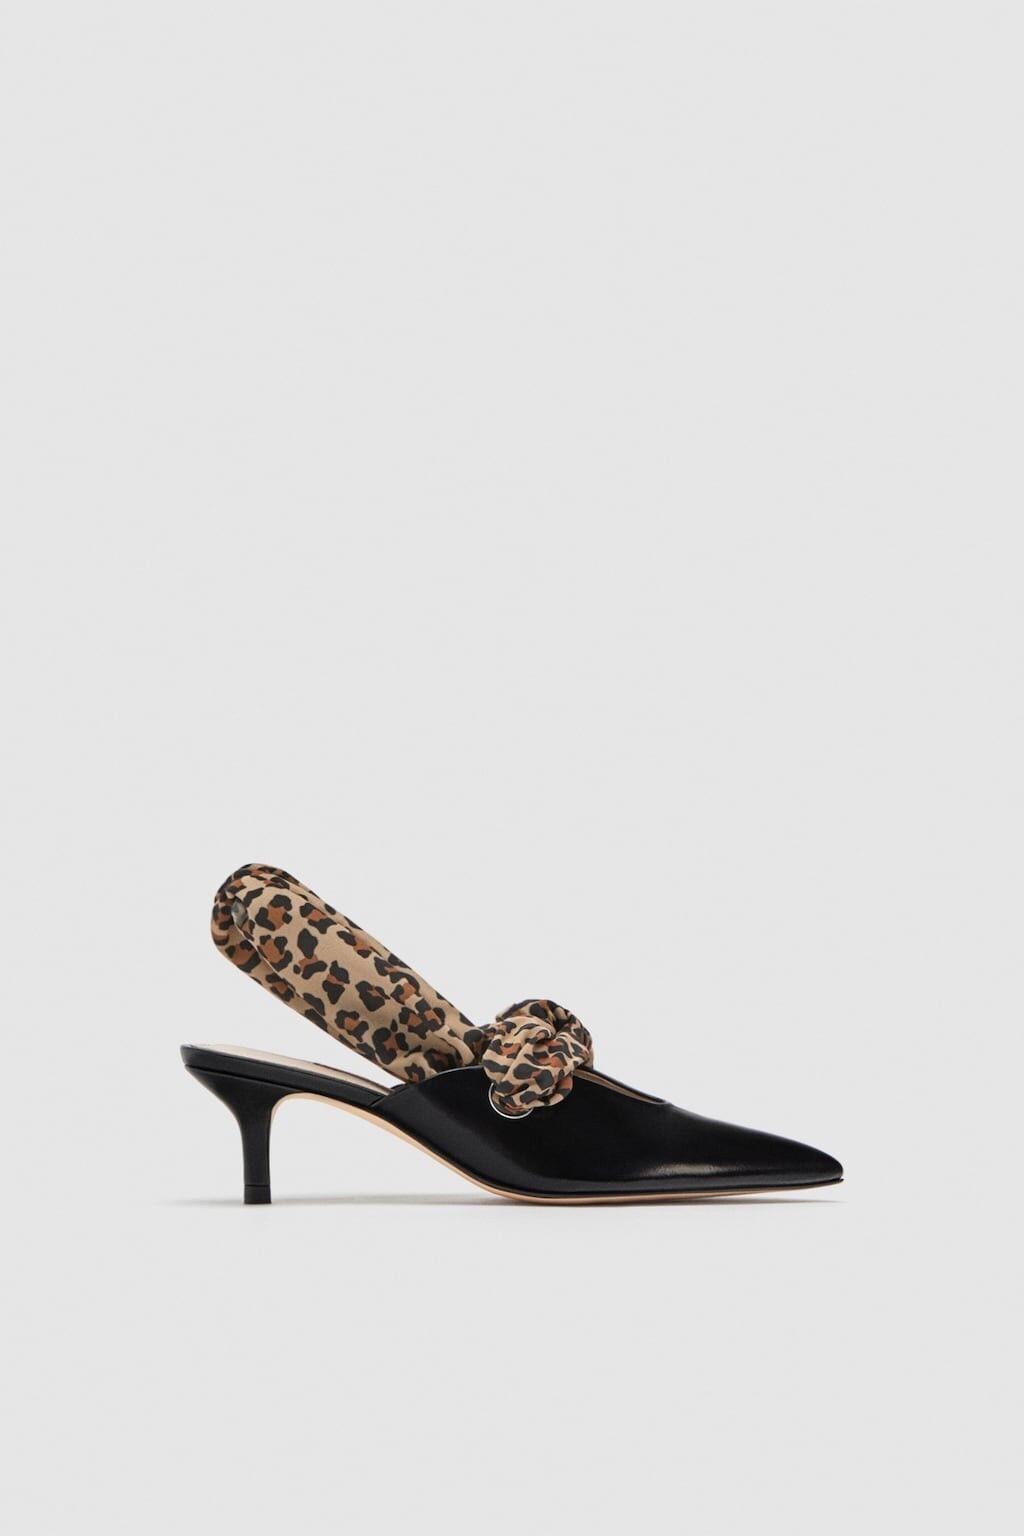 Zara mujer mujer mujer Tribunal Zapatos Tacón Alto Con Detalle De Bufanda Talla 7.5 EU 38 Nuevo con etiquetas  venta al por mayor barato